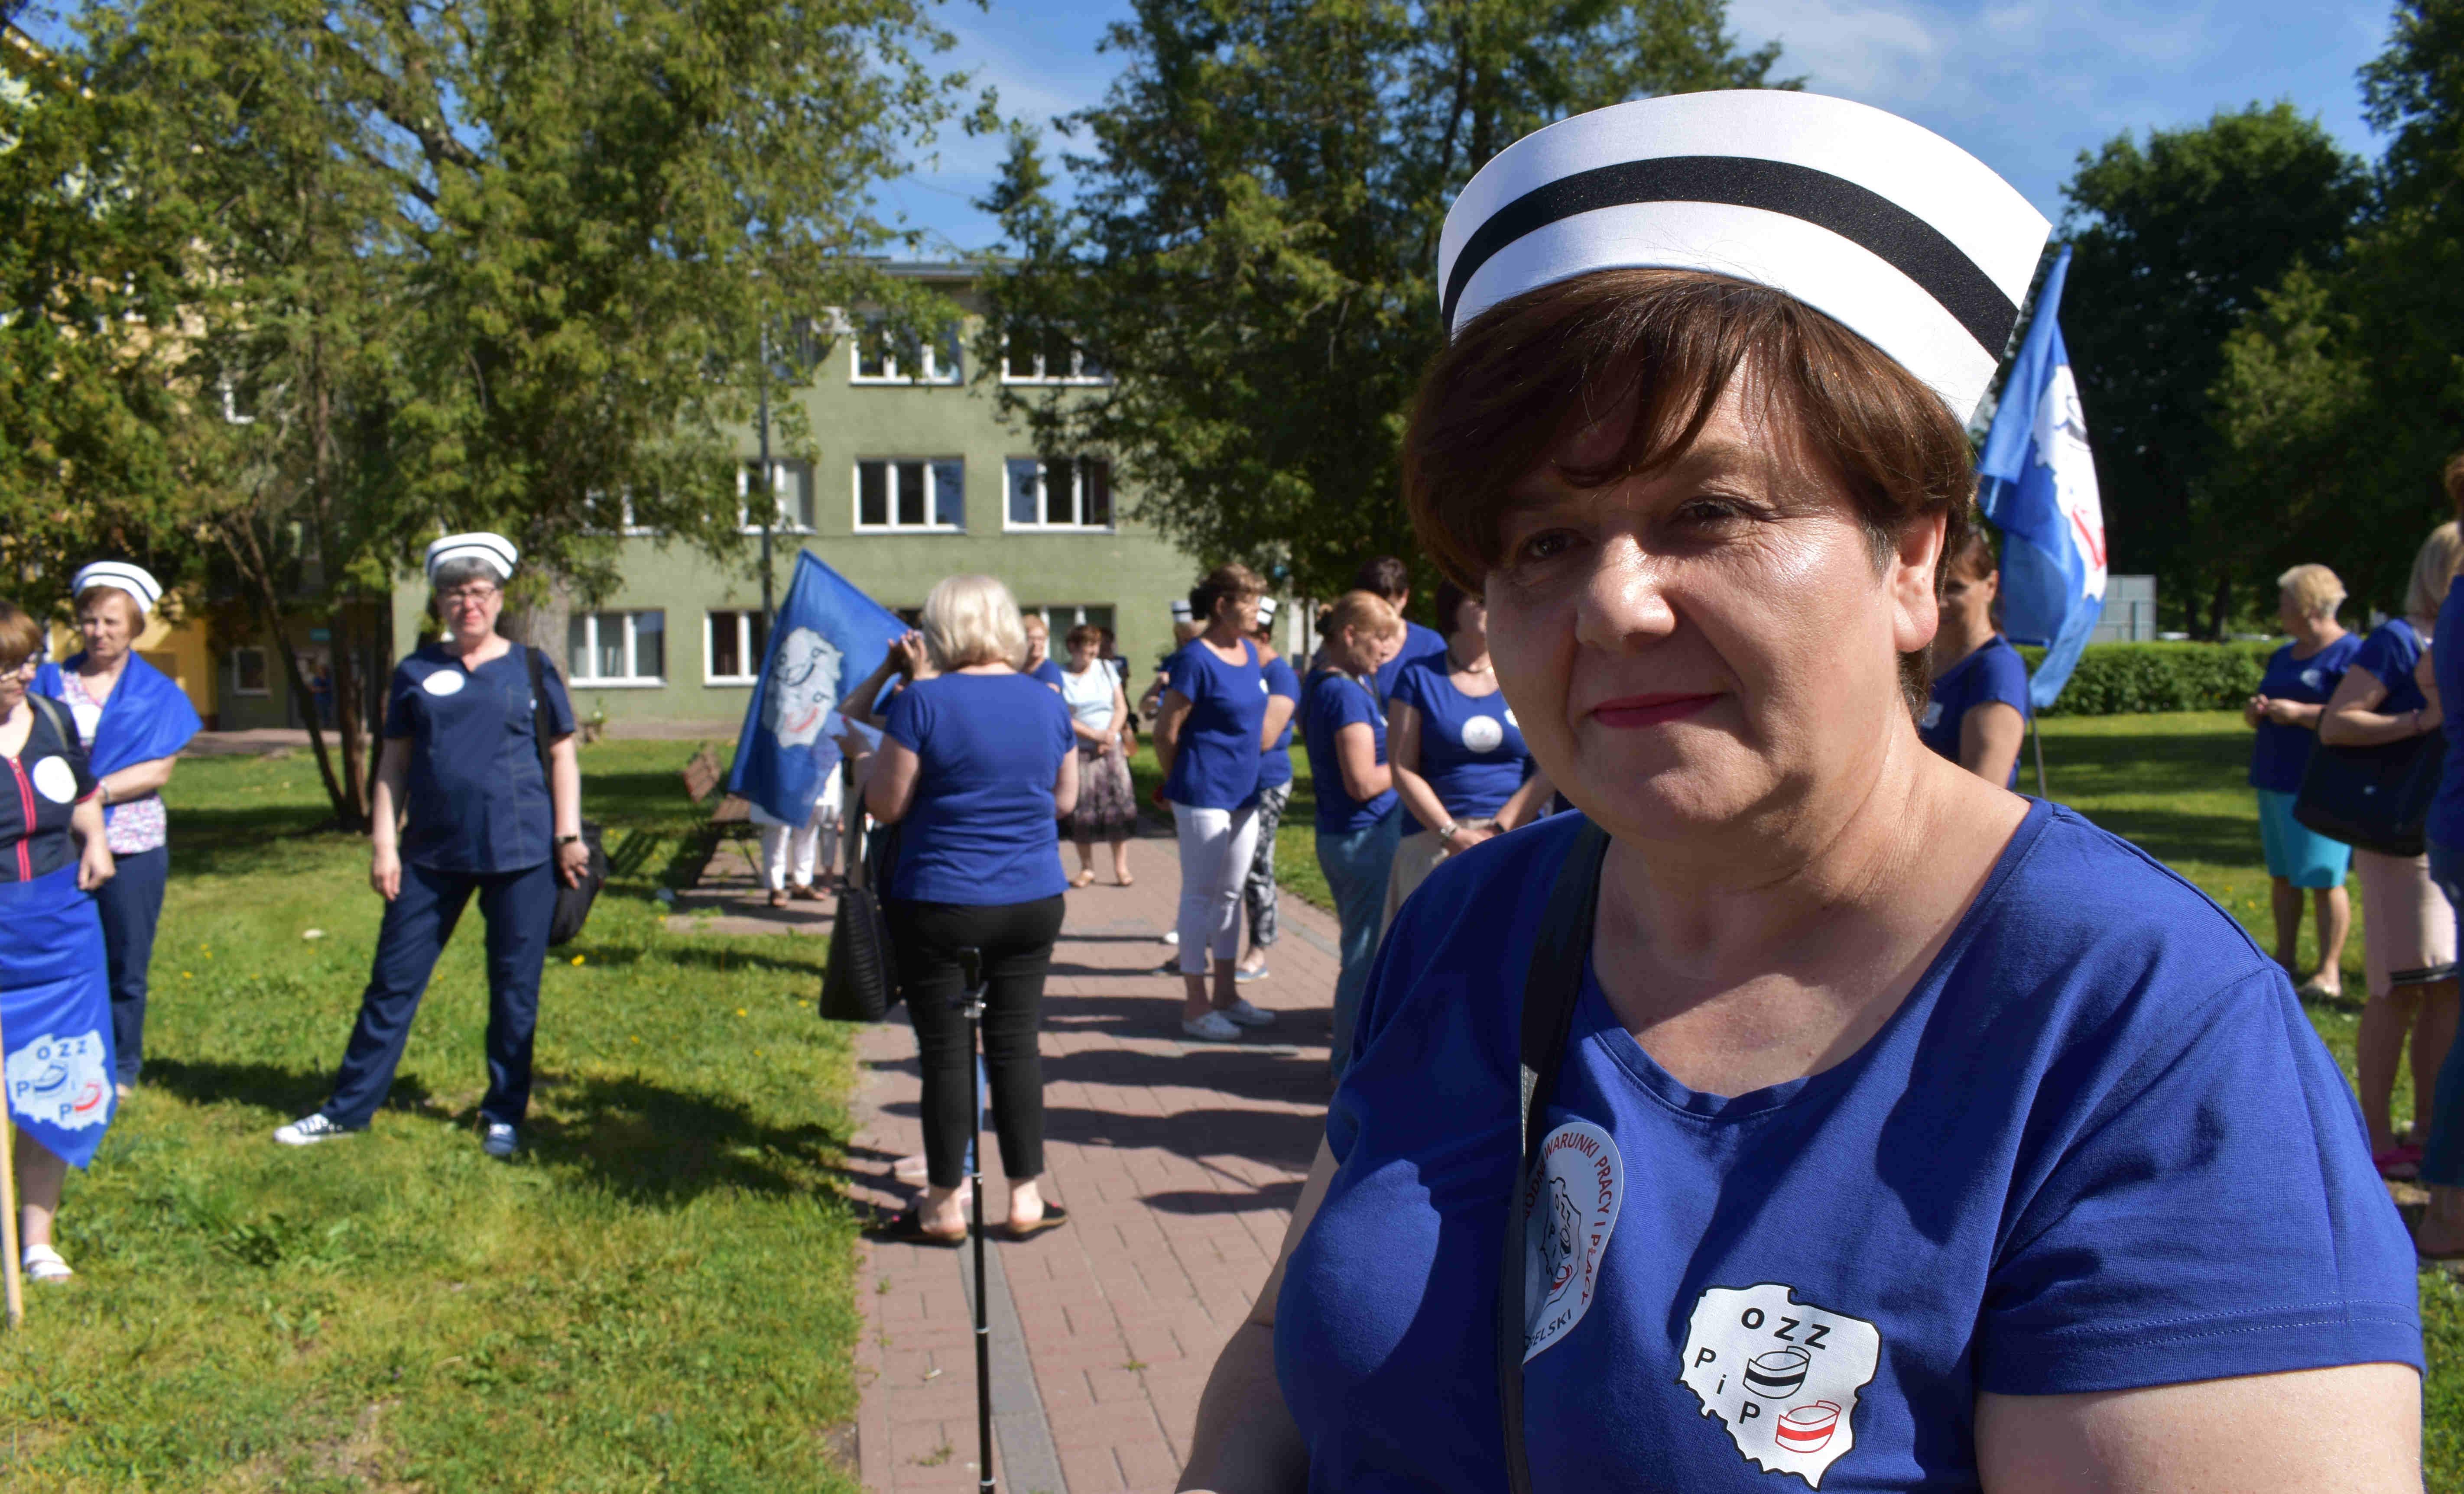 ŁUKÓW Pielęgniarki przeprowadziły strajk ostrzegawczy  (WIDEO) - Zdjęcie główne